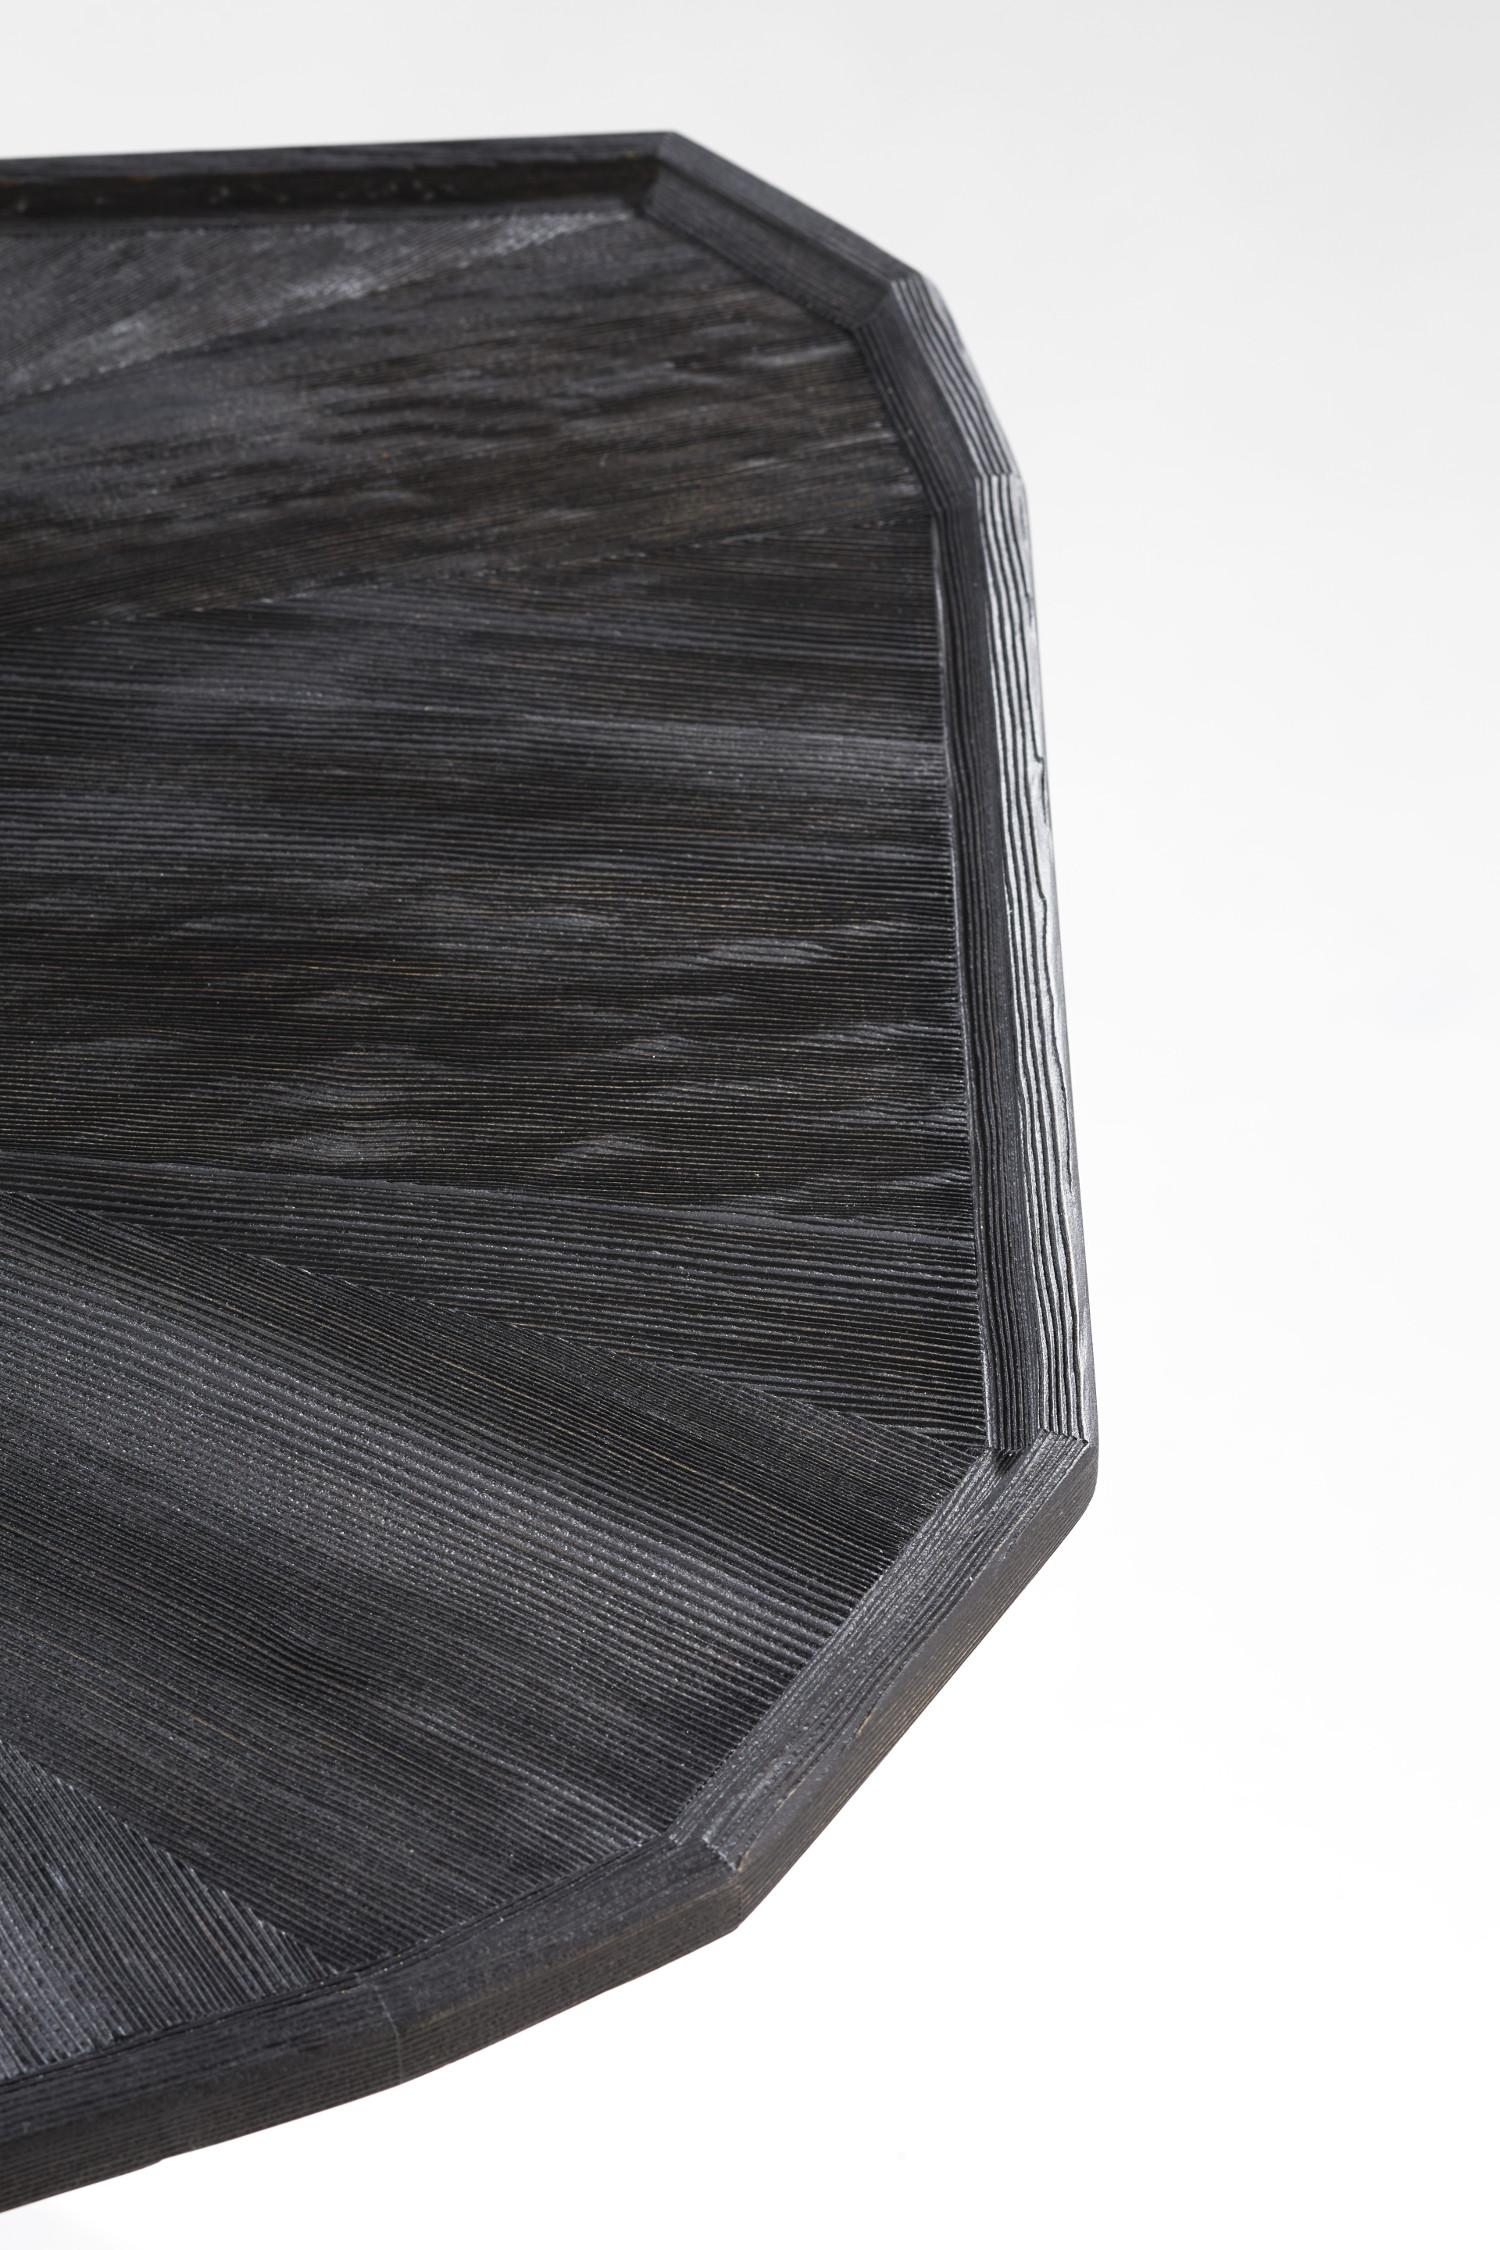 Blackwebwood-boutdecanape-detail1.jpg